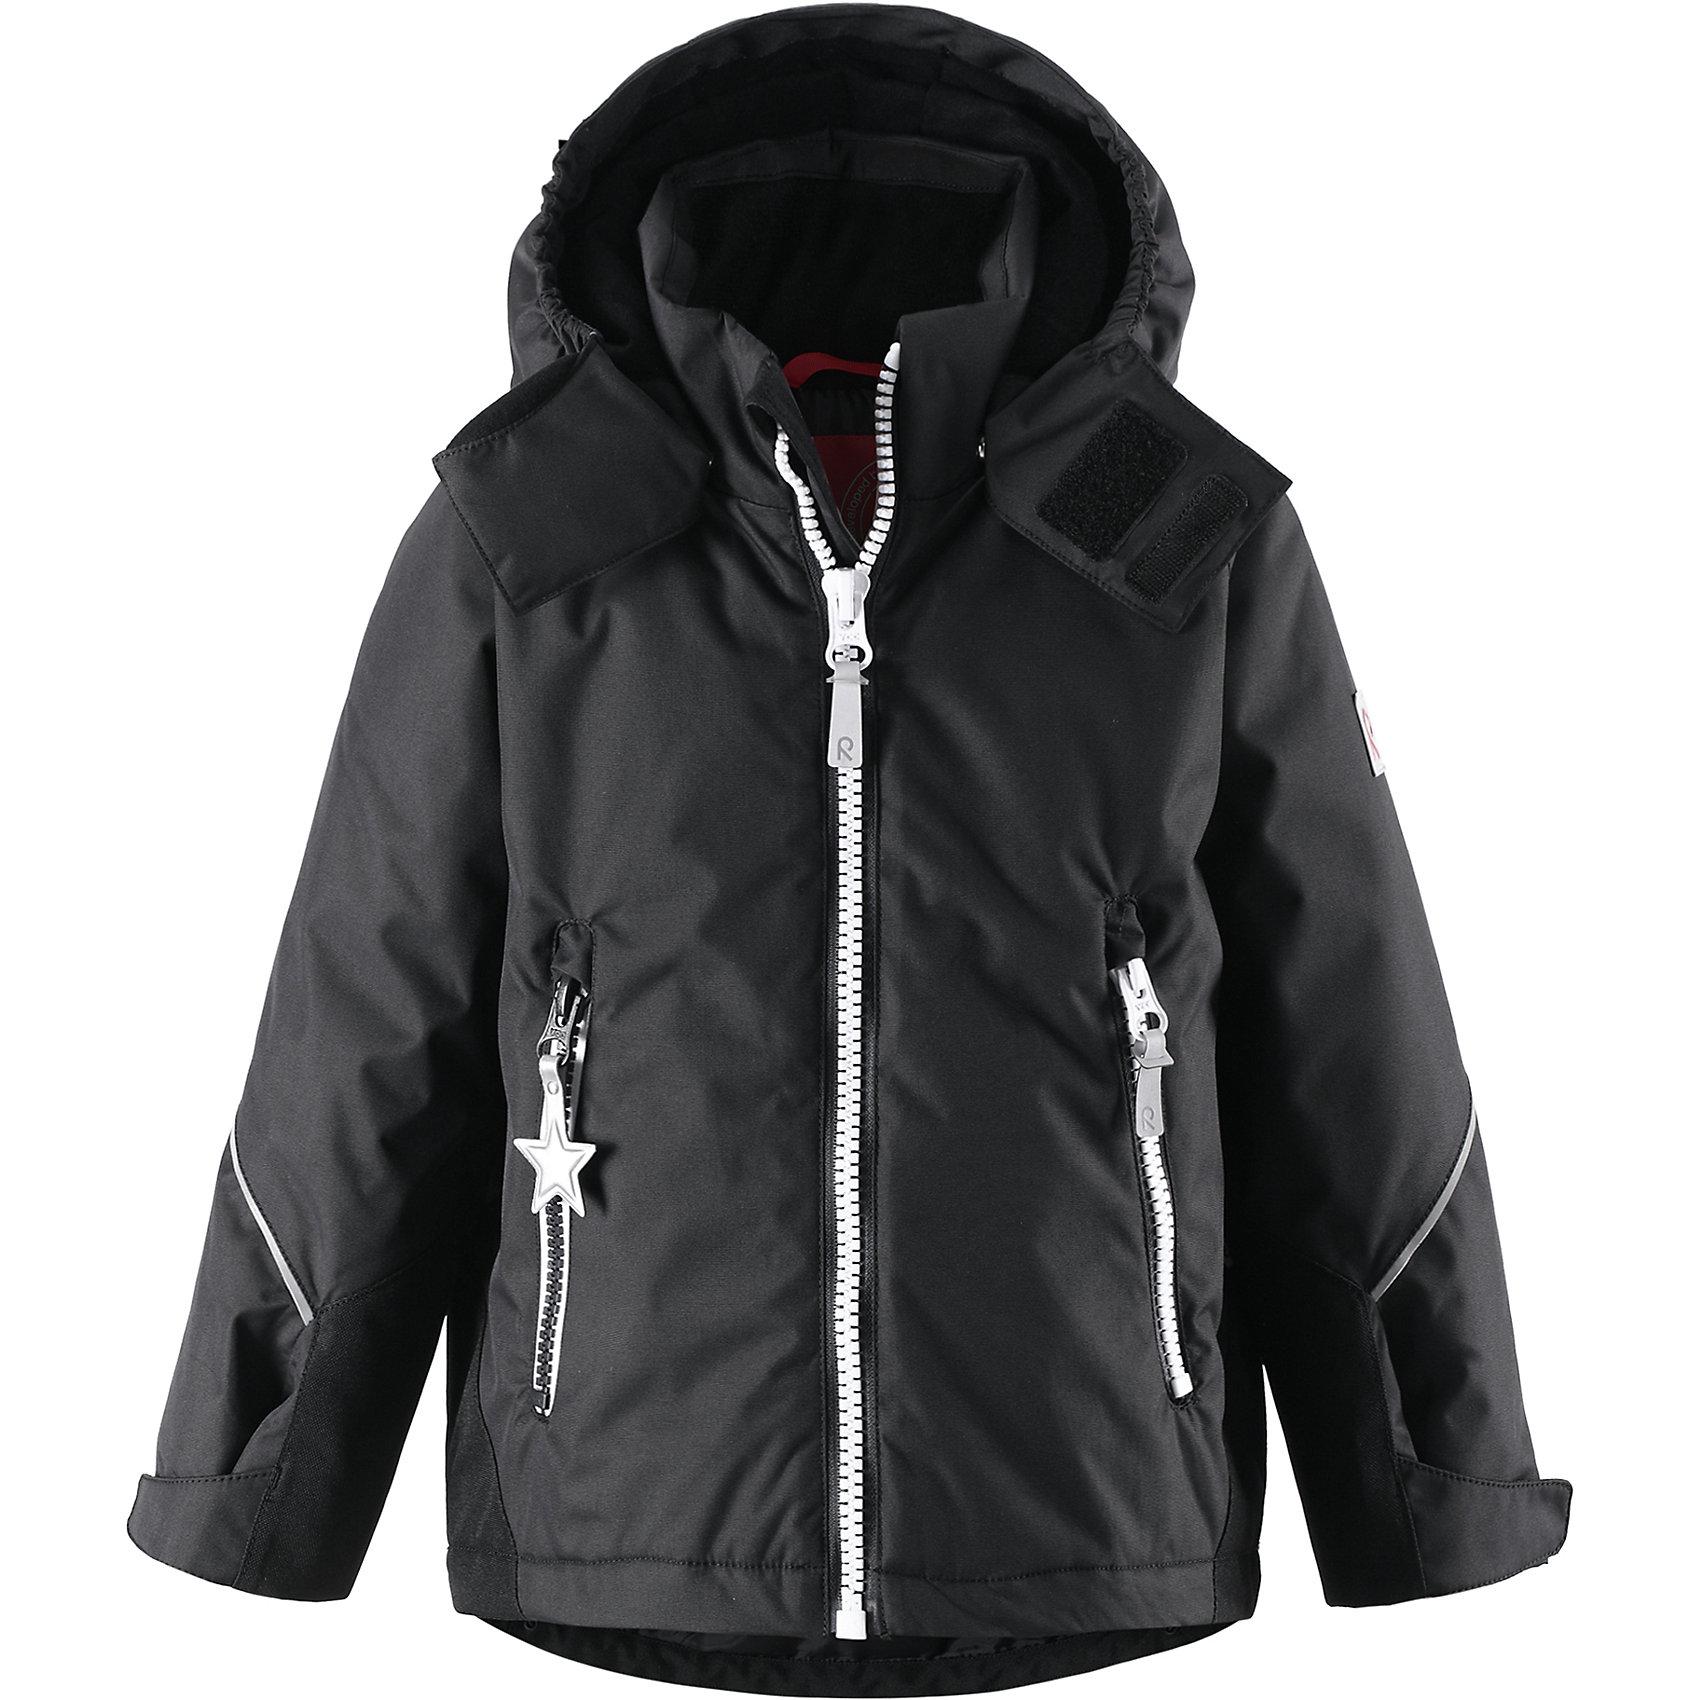 Куртка для мальчика ReimaПрочная и функциональная куртка Kiddo®! Яркая стильная зимняя куртка выполнена из прочного, ветронепроницаемого, но дышащего материала с водо- и грязеотталкивающей поверхностью. Эта куртка позволит ребенку лепить снеговиков до позднего вечера, не дав ему вспотеть или замерзнуть во время зимних приключений! Все основные швы куртки проклеены для водонепроницаемости и не позволяют воде проникать в середину! На рукавах и заднем подоле куртки имеются прочные усиления, позволяющие защитить те части тела, которые могут оголиться во время активного времяпрепровождения. Подол модели прямого покроя регулируется для более плотного прилегания, а манжеты регулируются с помощью липучки для хорошего сочетания с перчатками. В карманы на молнии можно положить всё необходимое, когда пойдёте на прогулку! Съемный капюшон защищает от ветра и обеспечивает безопасность во время игр на улице, так как легко снимается. На краю капюшона имеется клапан, предусматривающий дополнительную защиту шеи. Светоотражающие детали «звездочка» не позволят потерять ребенка из видимости в темное время суток!<br><br>Водоотталкивающая зимняя куртка Kiddo для детей постарше<br>Основные швы проклеены, водонепроницаемы<br>Безопасный съемный капюшон<br>Прочные усиления на заднем подоле и манжетах<br>Два кармана на молнии<br>Регулируемый подол и манжеты<br>Множество светоотражающих деталей<br>Состав:<br>100% ПЭ, ПУ-покрытие<br>Средняя степень утепления (до - 20)<br><br>Куртку Reima (Рейма) можно купить в нашем магазине.<br><br>Ширина мм: 356<br>Глубина мм: 10<br>Высота мм: 245<br>Вес г: 519<br>Цвет: черный<br>Возраст от месяцев: 108<br>Возраст до месяцев: 120<br>Пол: Мужской<br>Возраст: Детский<br>Размер: 140,104,128,110,116,122,134<br>SKU: 4209747